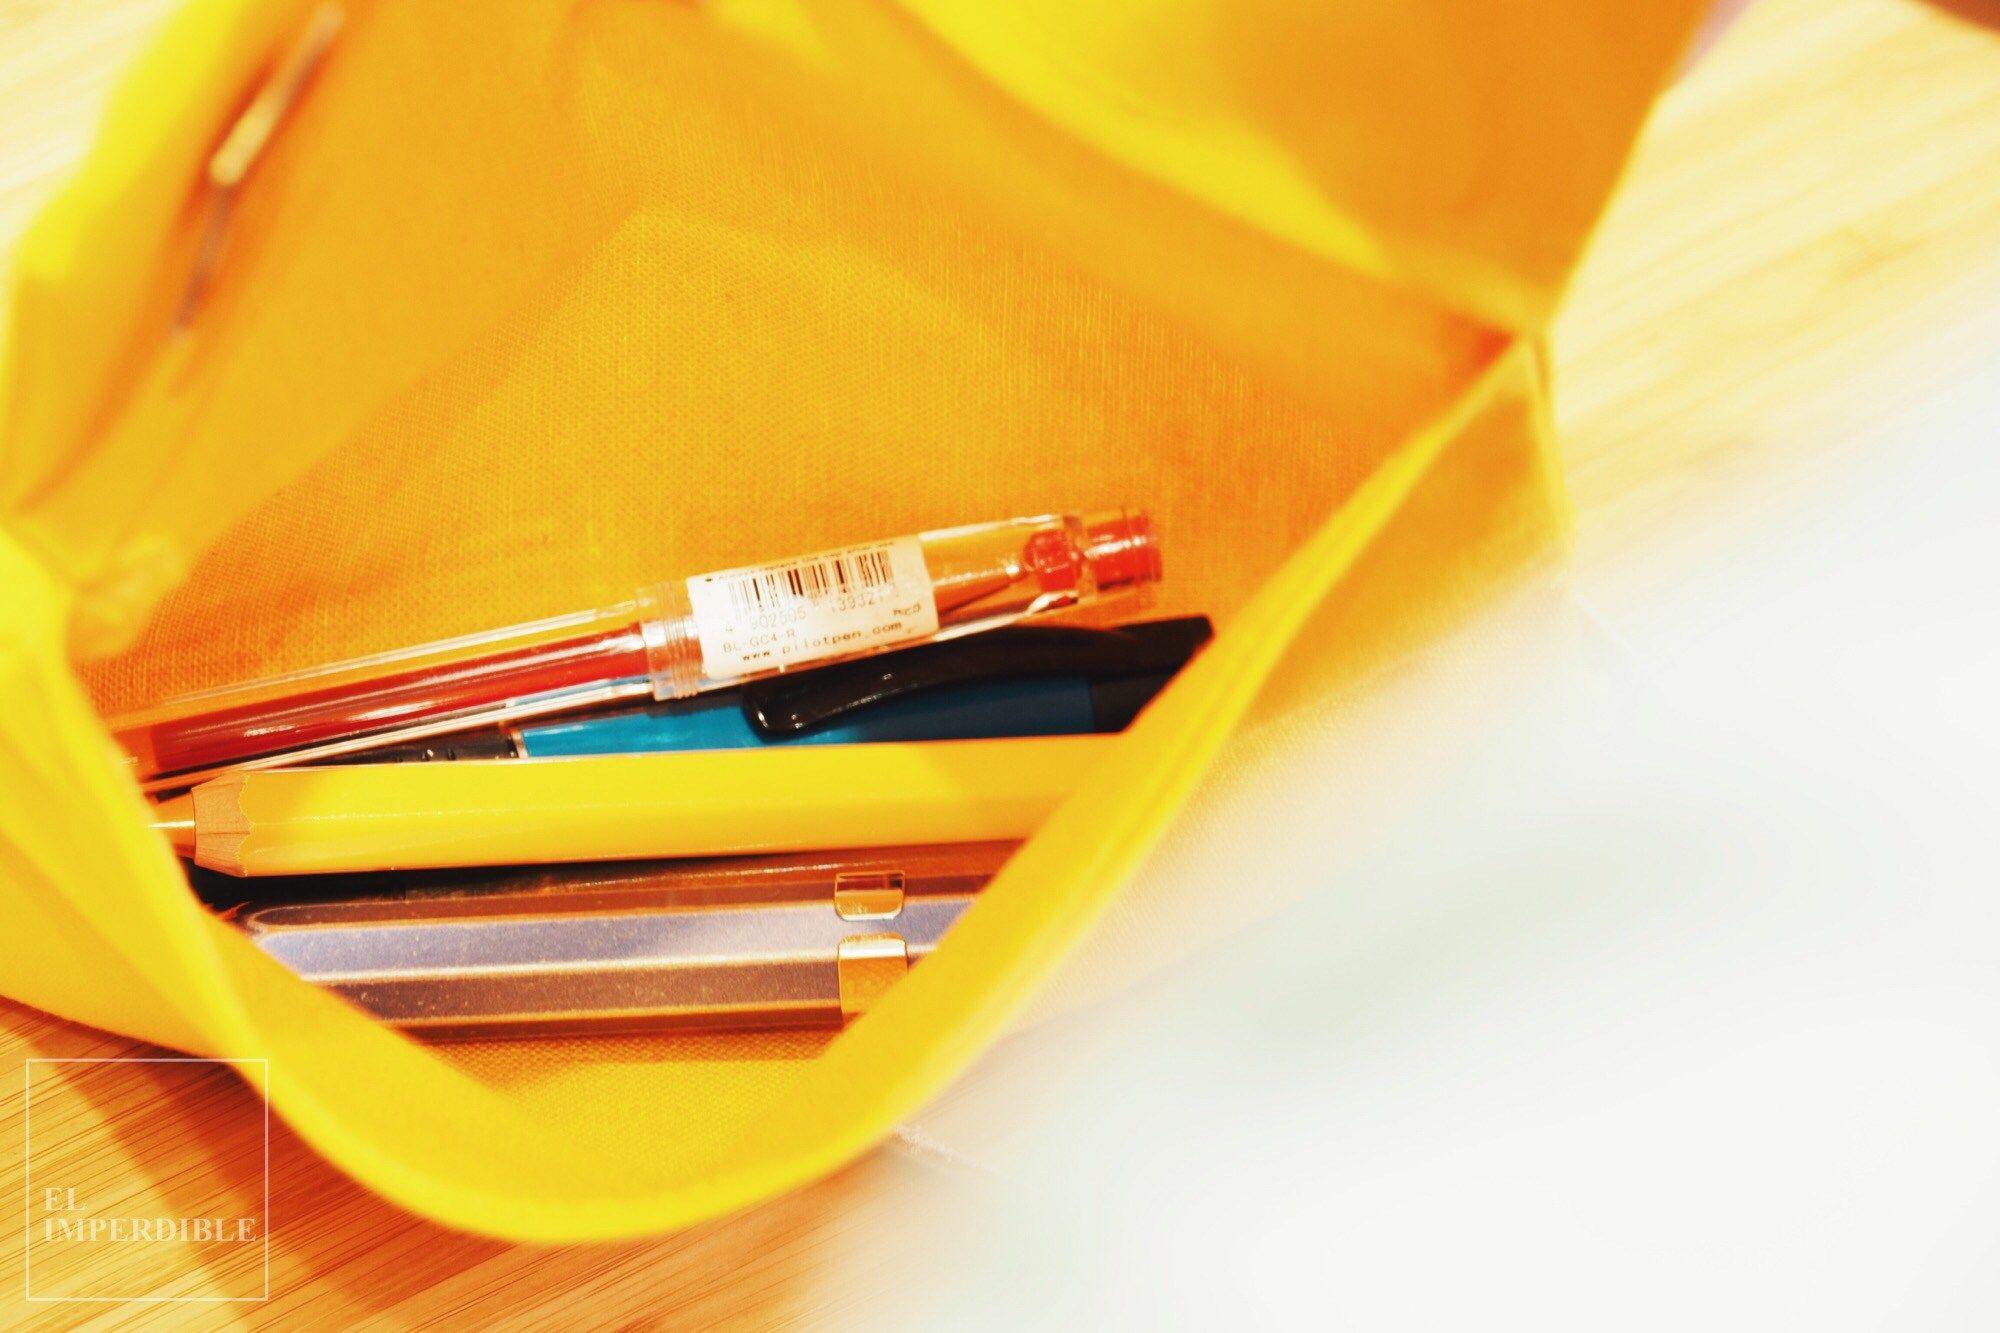 El Hightide Penco Field Roll Case es tan versatil que sirve tanto para guardar unos pocos bolígrafos como para llevar cuadernos de bolsillo o todos los cables y accesorios del ordenador. Foto por Asier G. Morato.